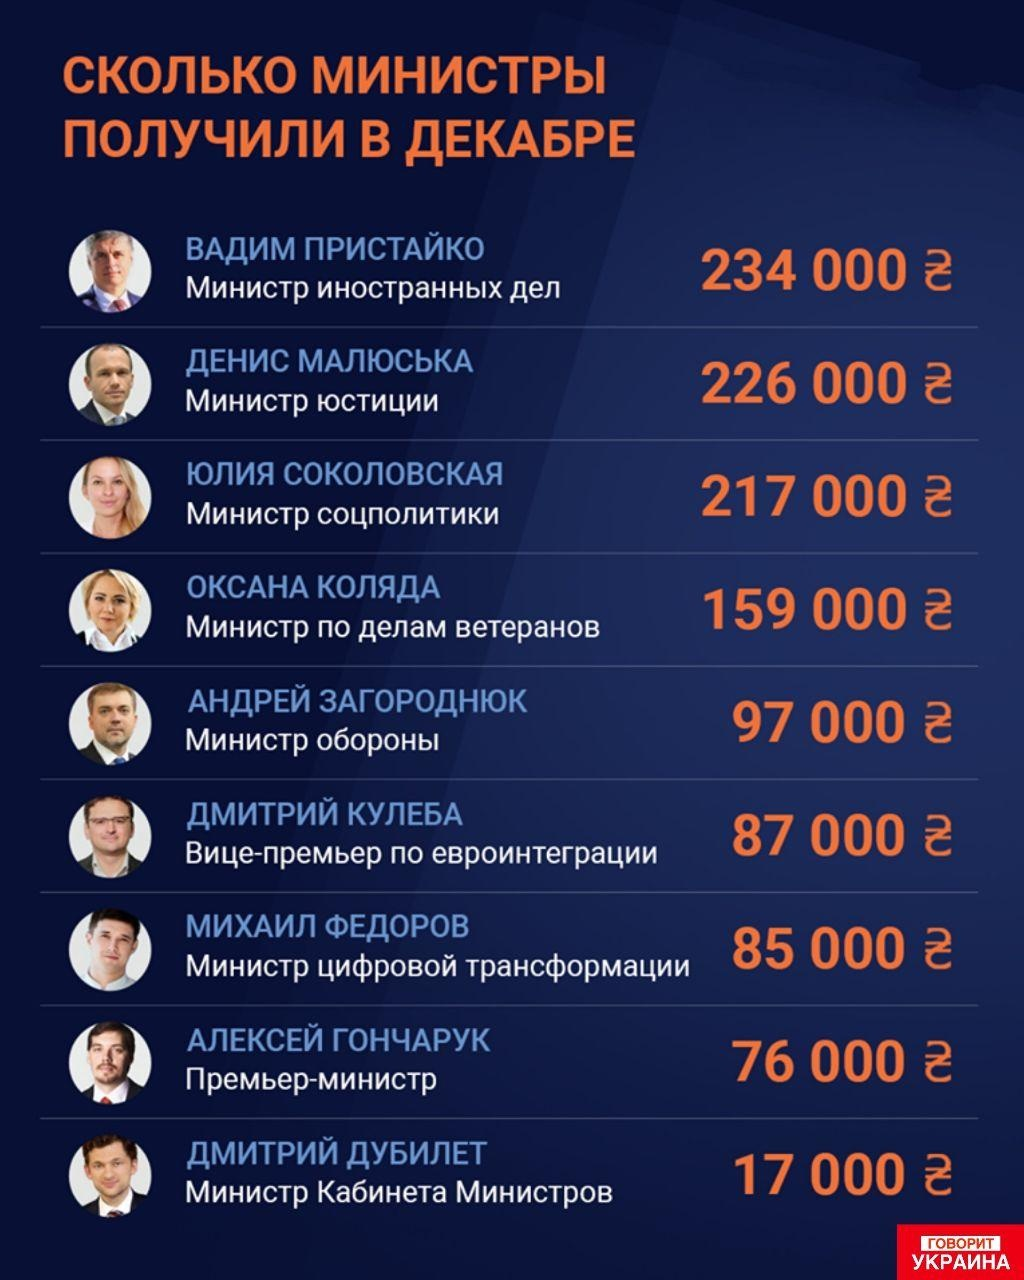 """""""Это не является слабостью"""": Милованов рассказал, как курил марихуану и что думает о геях во власти - Цензор.НЕТ 5708"""